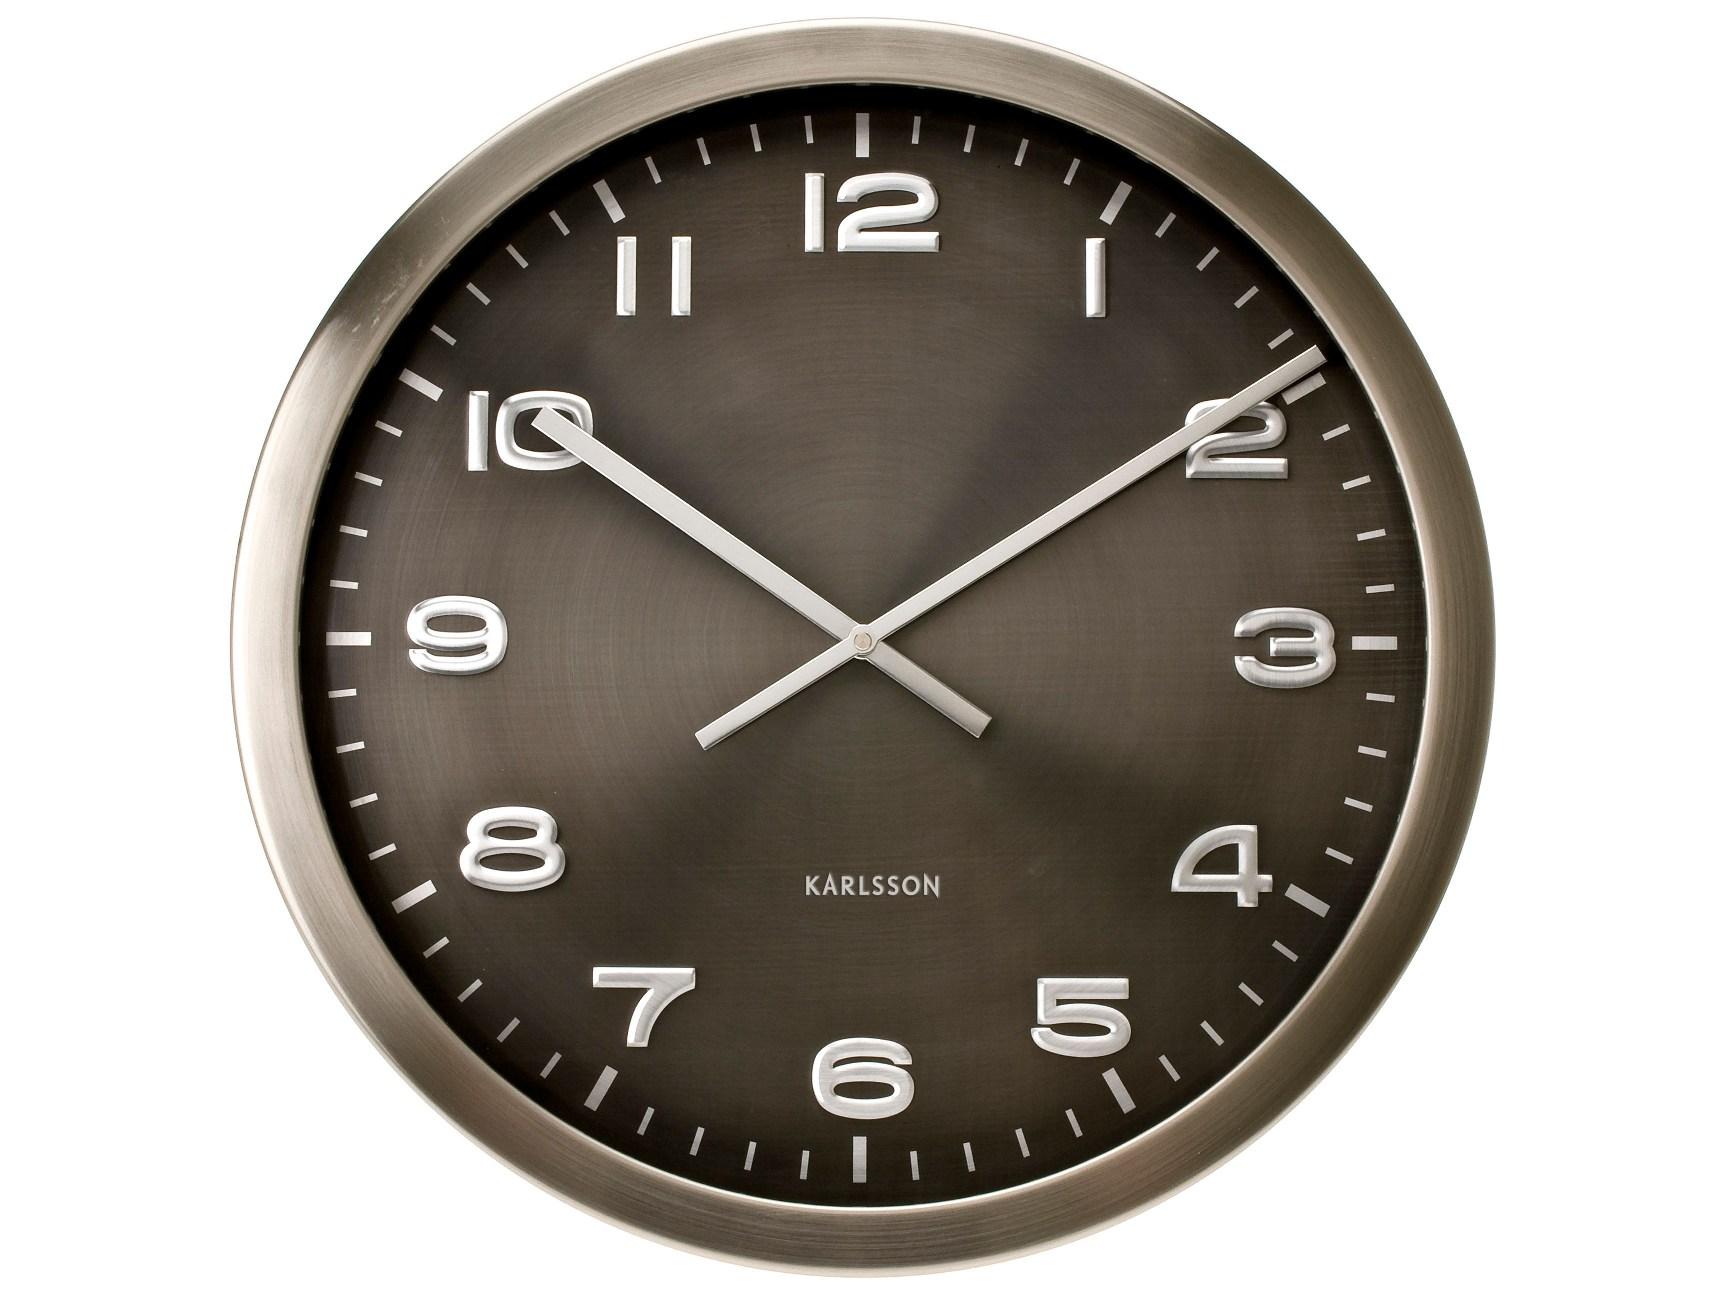 Nástěnné hodiny Maxie steel 50 cm nerez - Karlsson